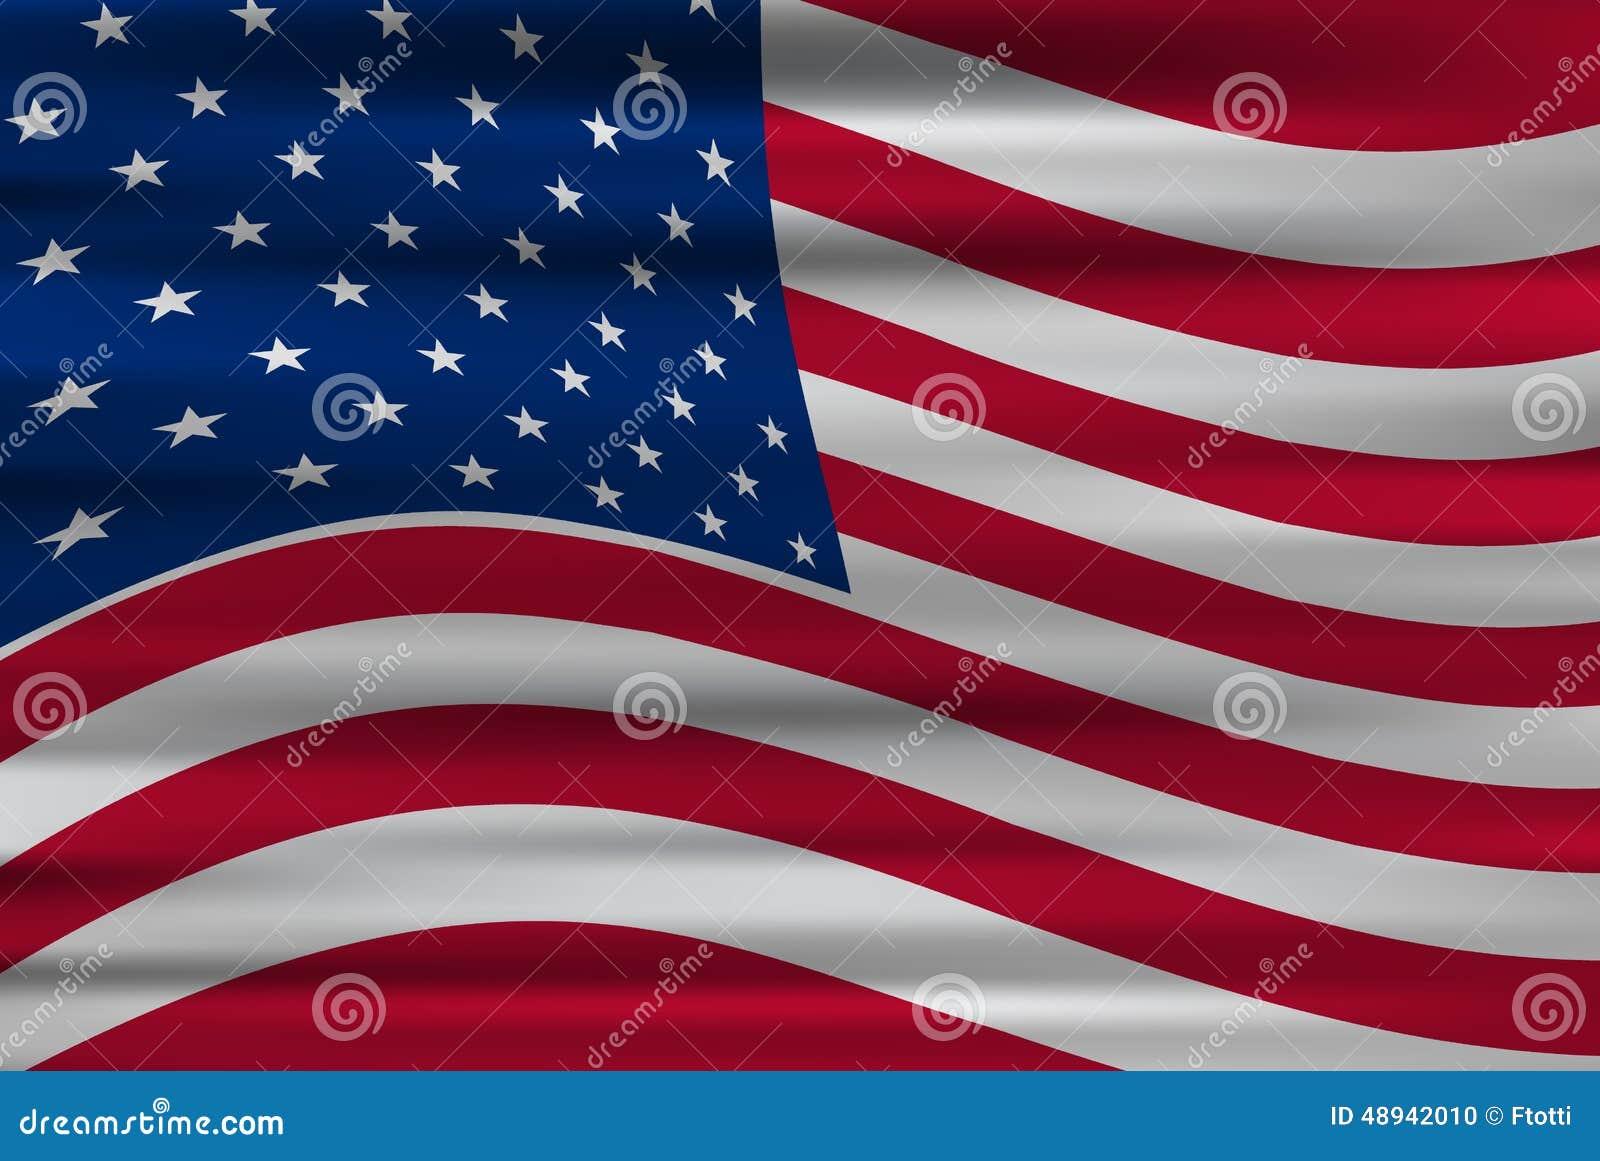 Bandera Ondulada De Los Estados Unidos De América